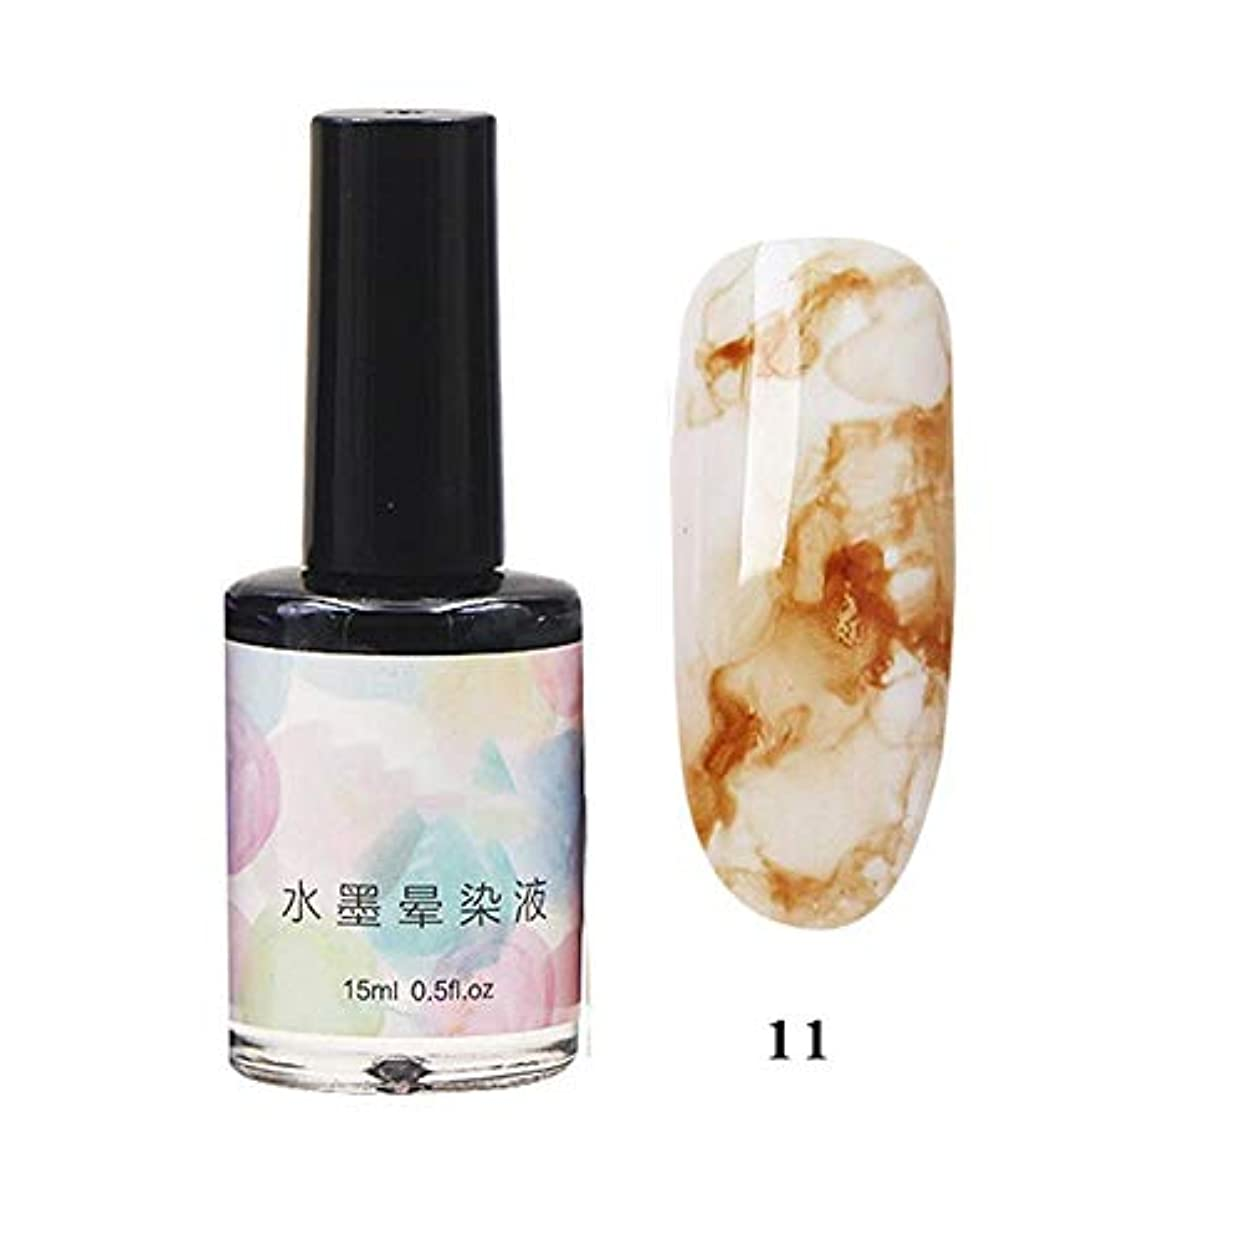 憂鬱エッセンスあいまい11色選べる ネイルポリッシュ マニキュア ネイルアート 美しい 水墨柄 ネイルカラー 液体 爪に塗って乾かす 初心者でも簡単に使用できる junexi